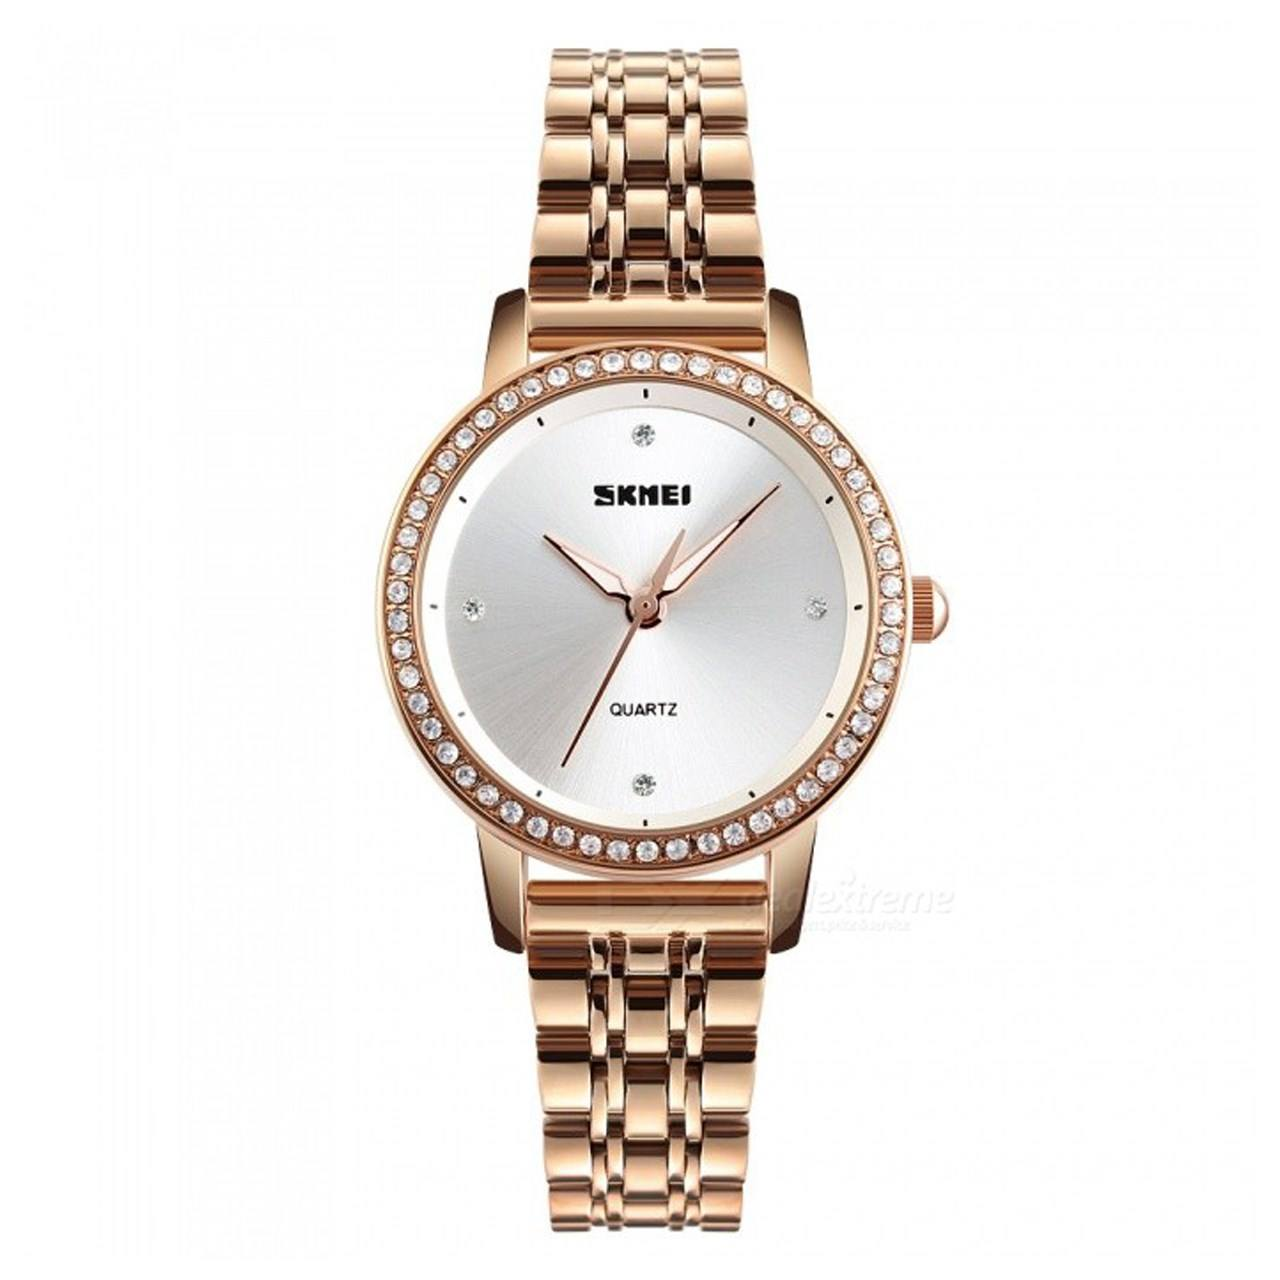 ساعت مچی عقربه ای زنانه اسکمی مدل 1311 کد 01 -  - 2